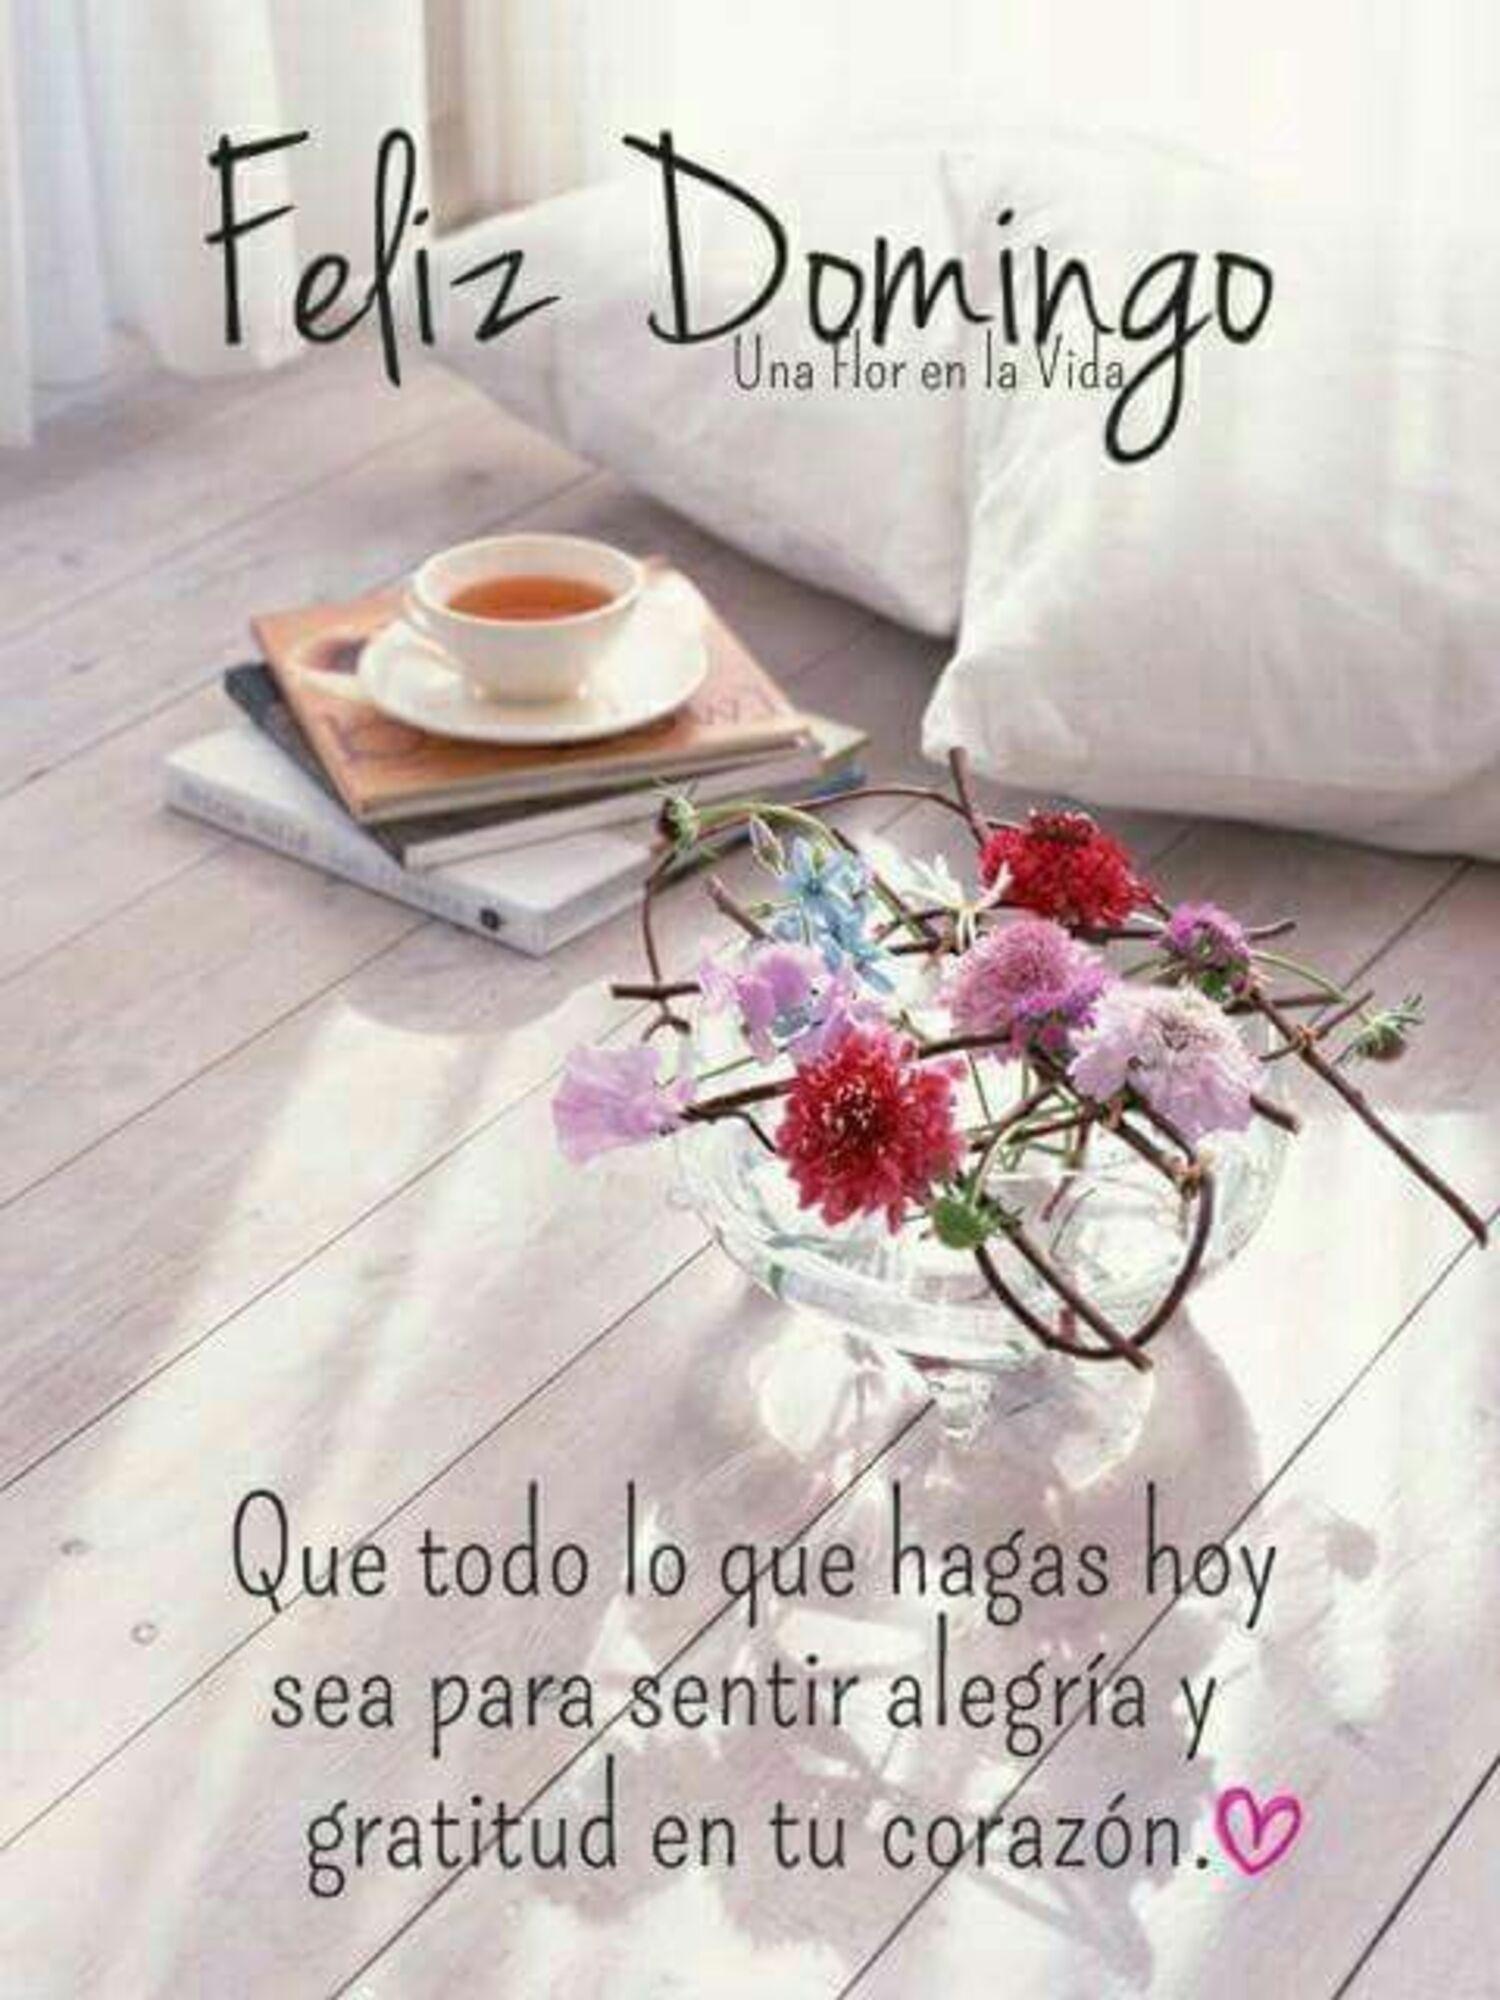 Feliz domingo que todo lo que hagas hoy sea para sentir alegria y gratitud en tu corazon